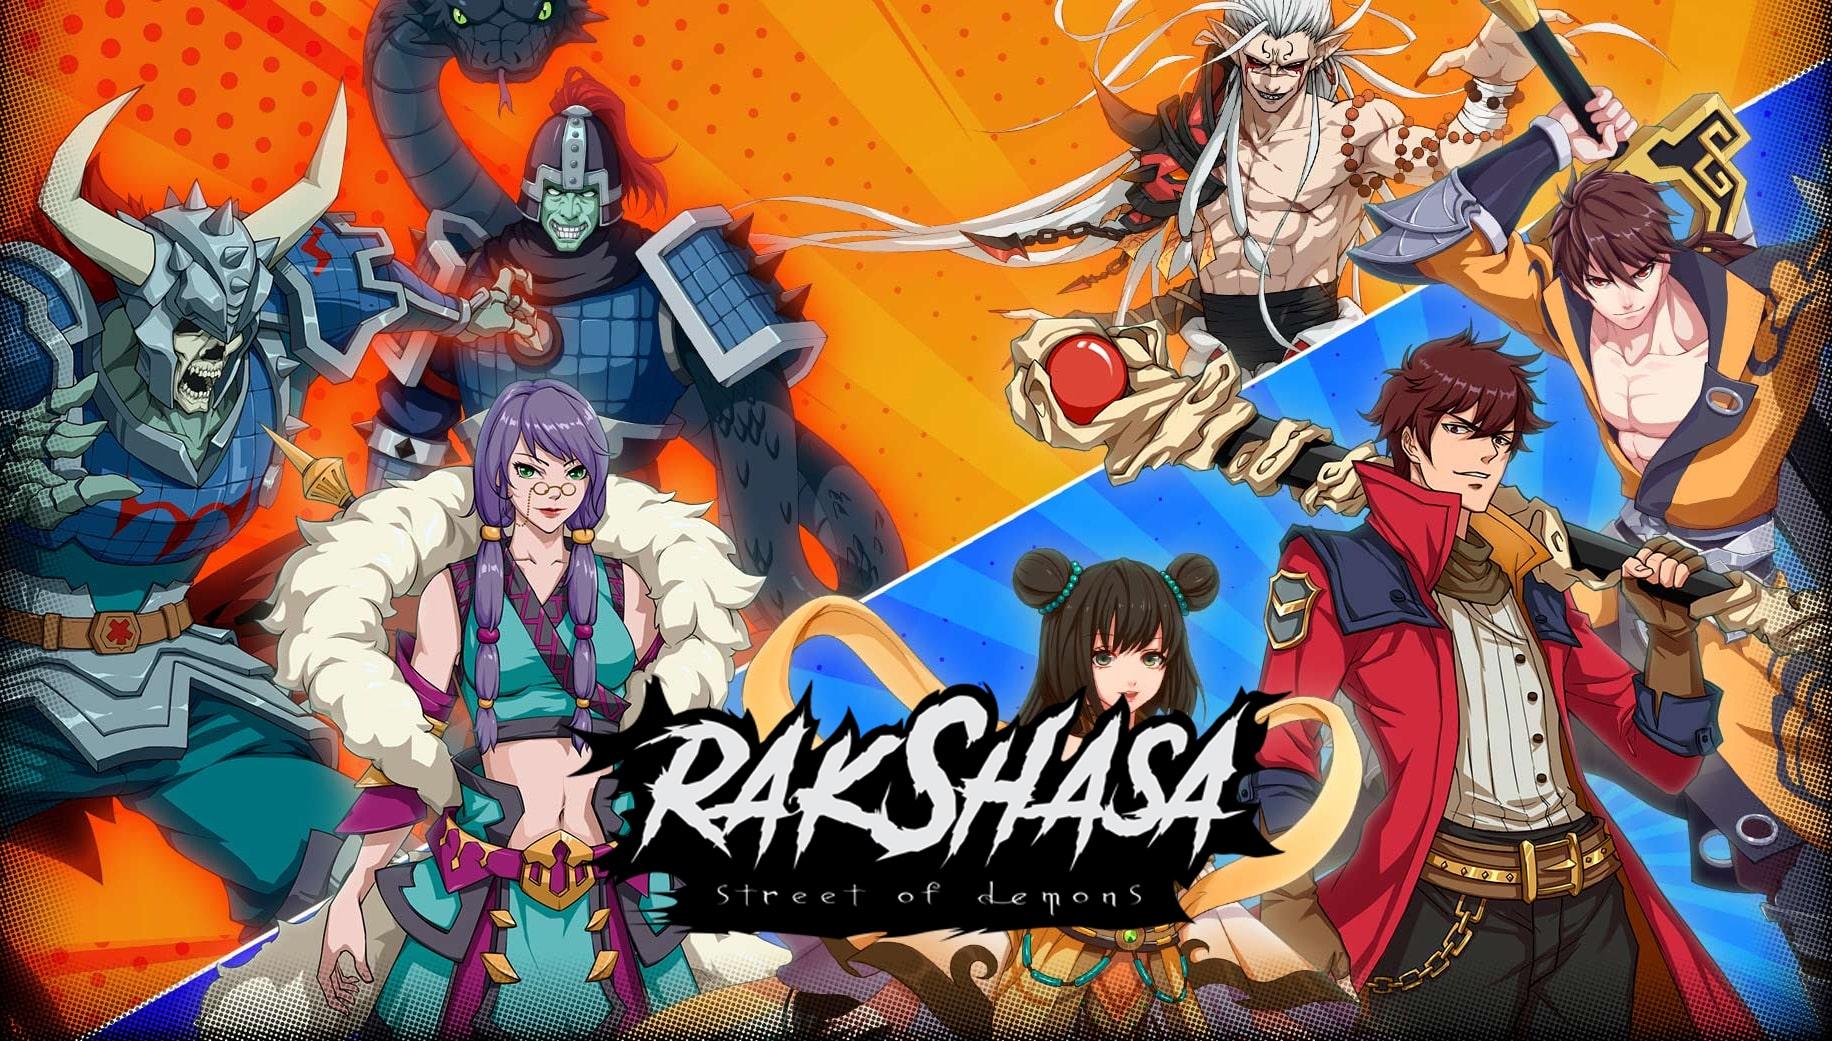 обзор игры Rakahsa улица демонов